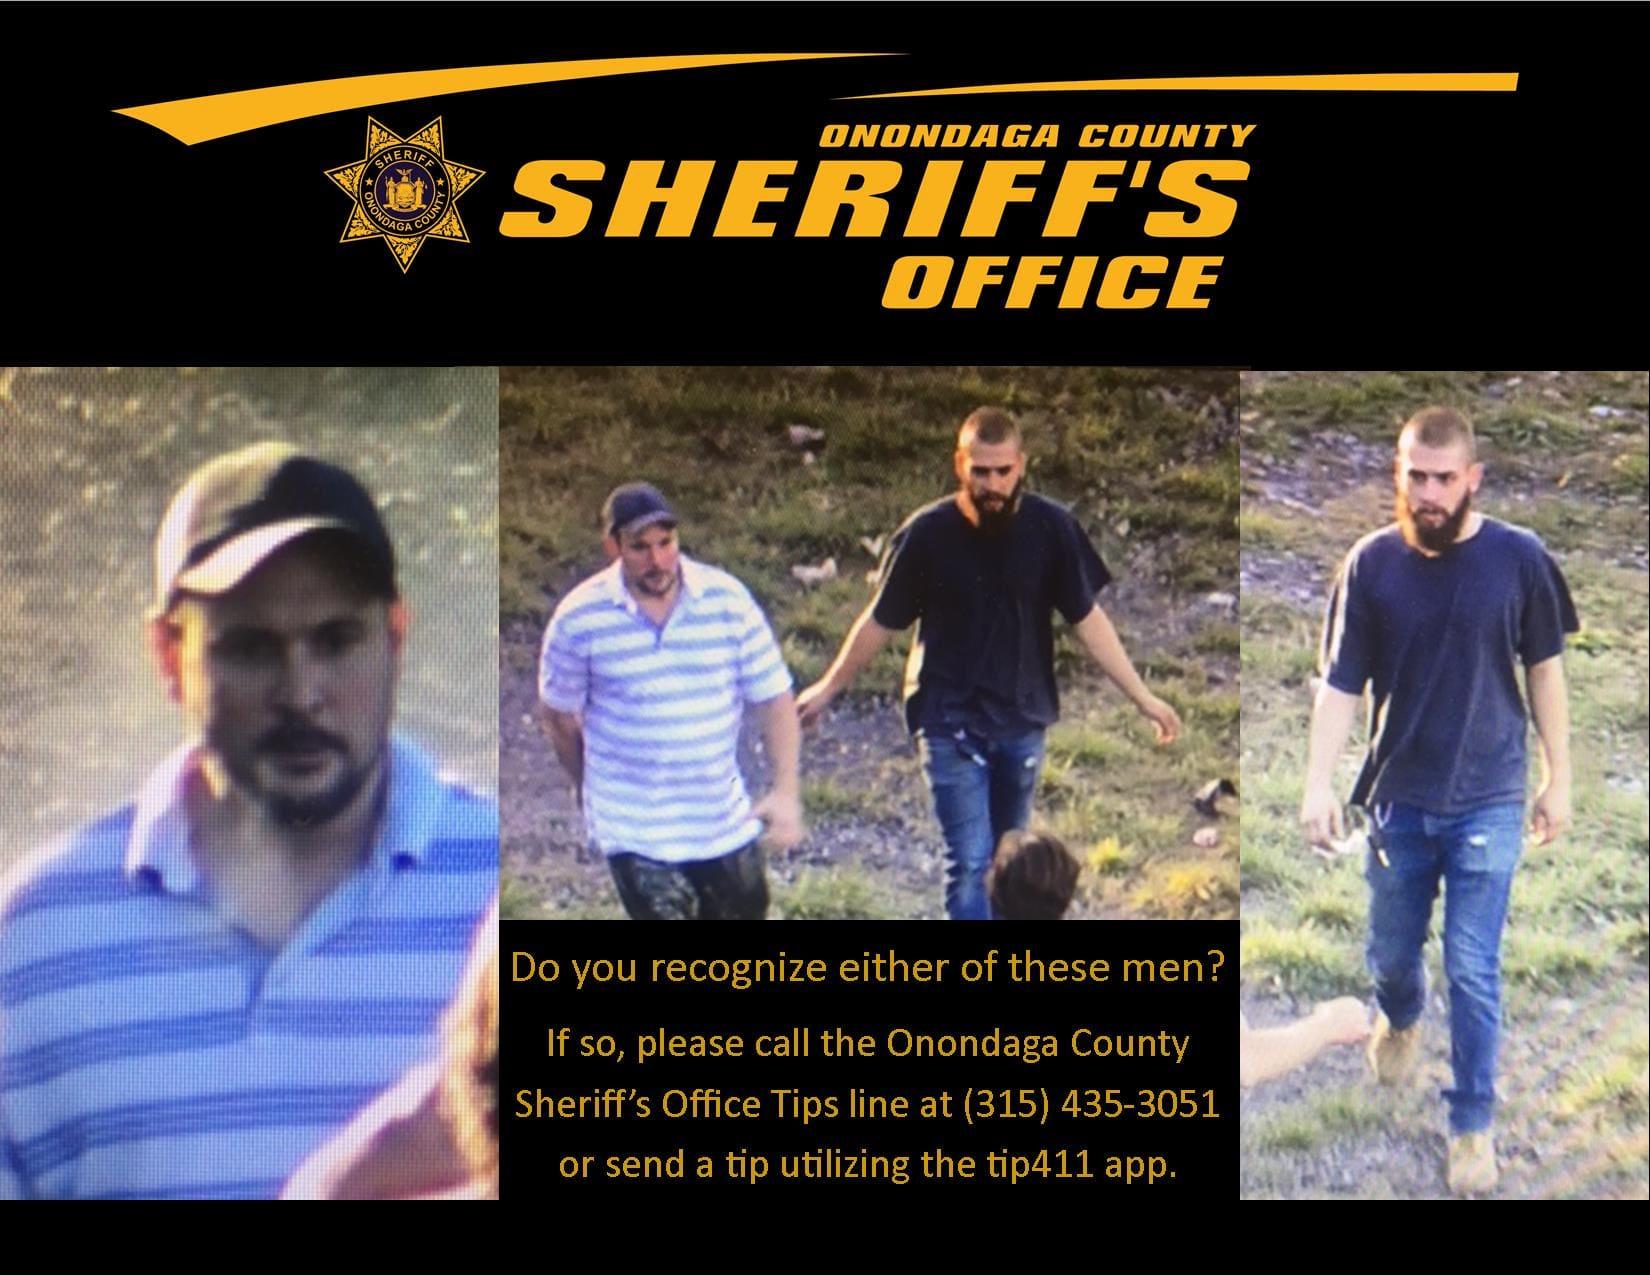 Sheriff's office seeks assistance identifying two men